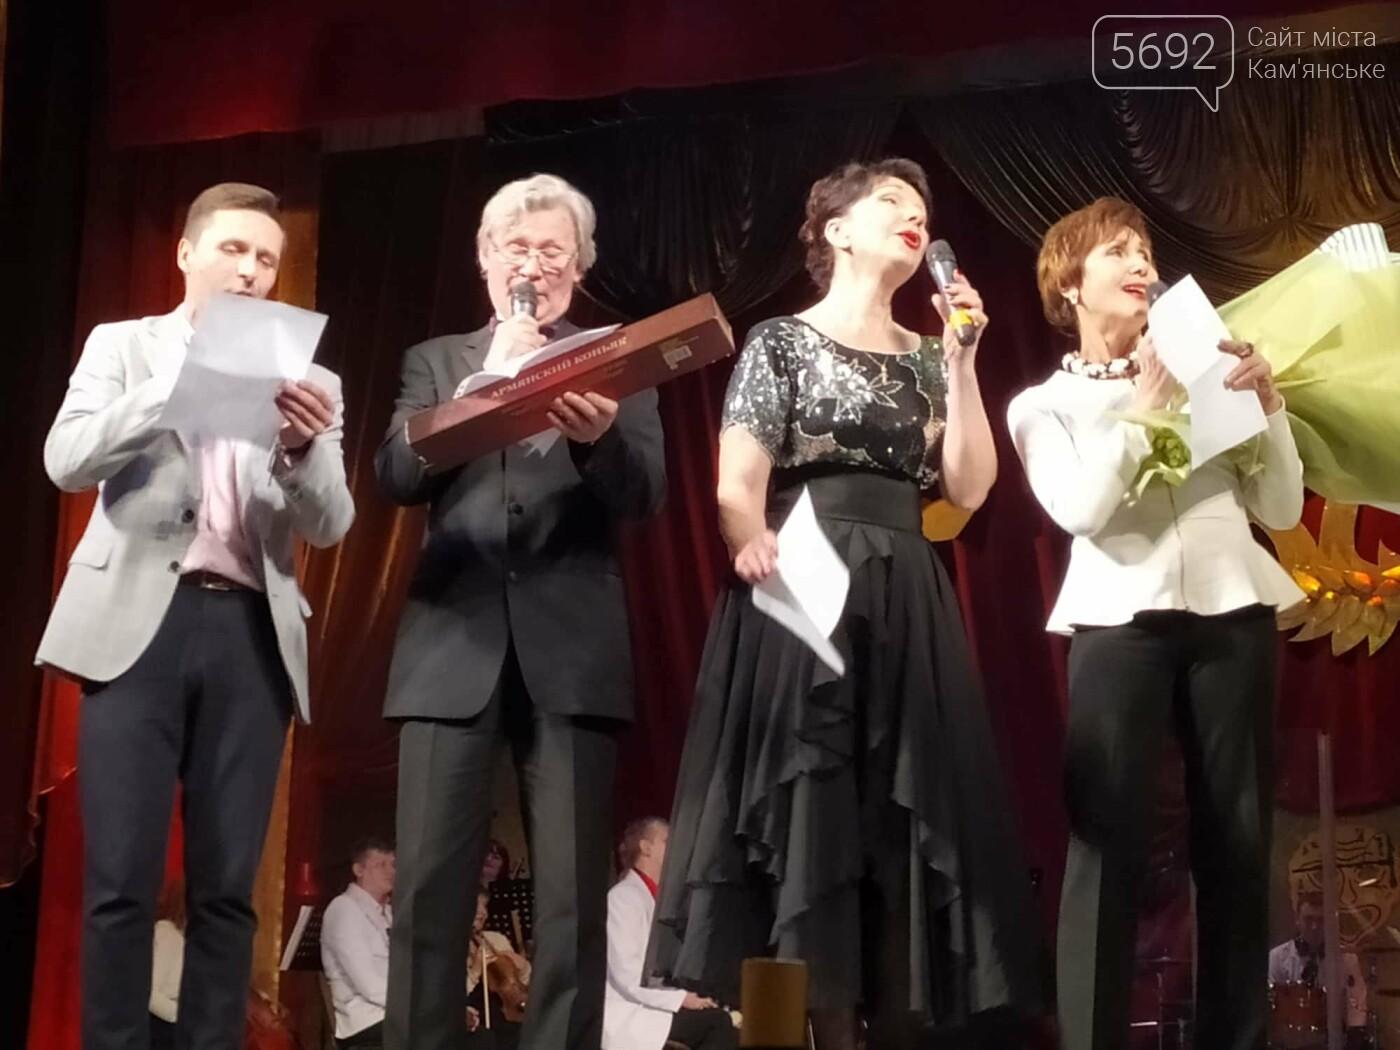 В Каменском театре концертом отметили юбилей главного режиссера, фото-12